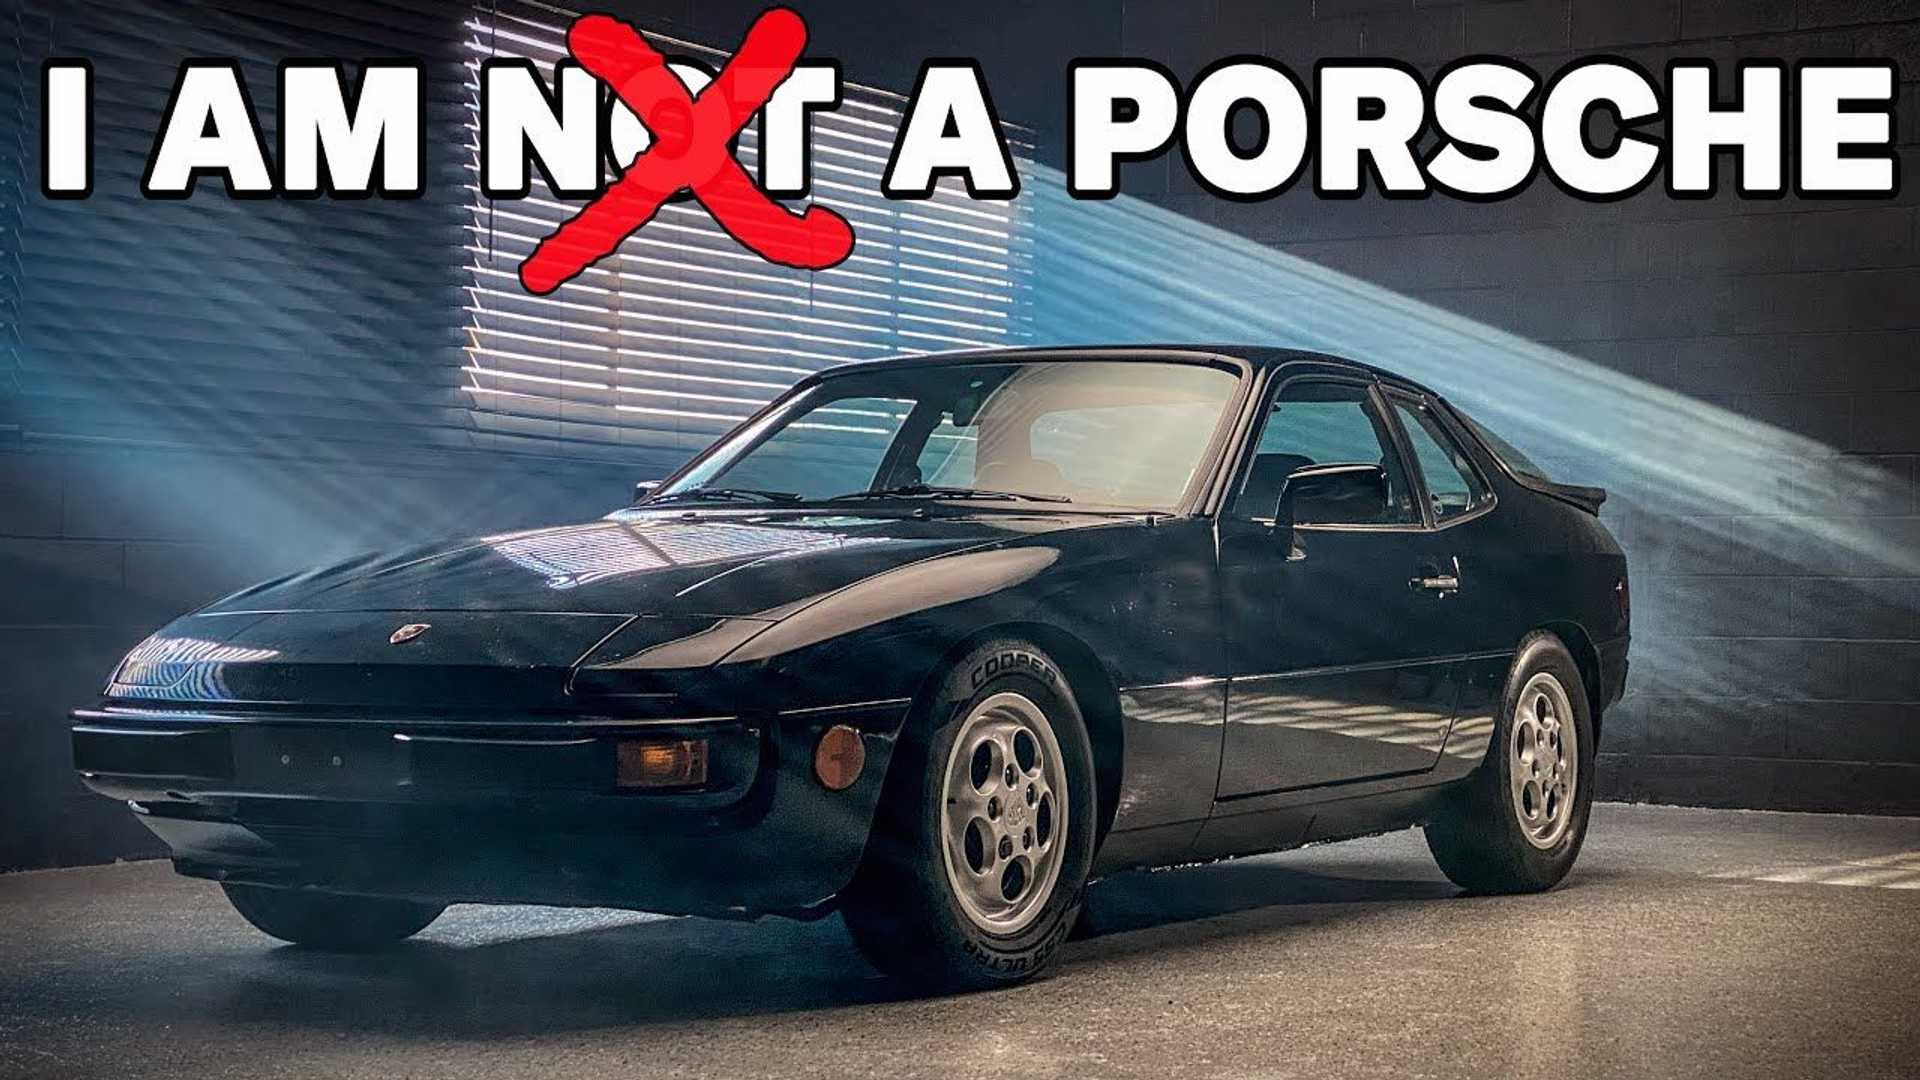 Orijinal Porsche 924 aslında bir Porsche değildi!